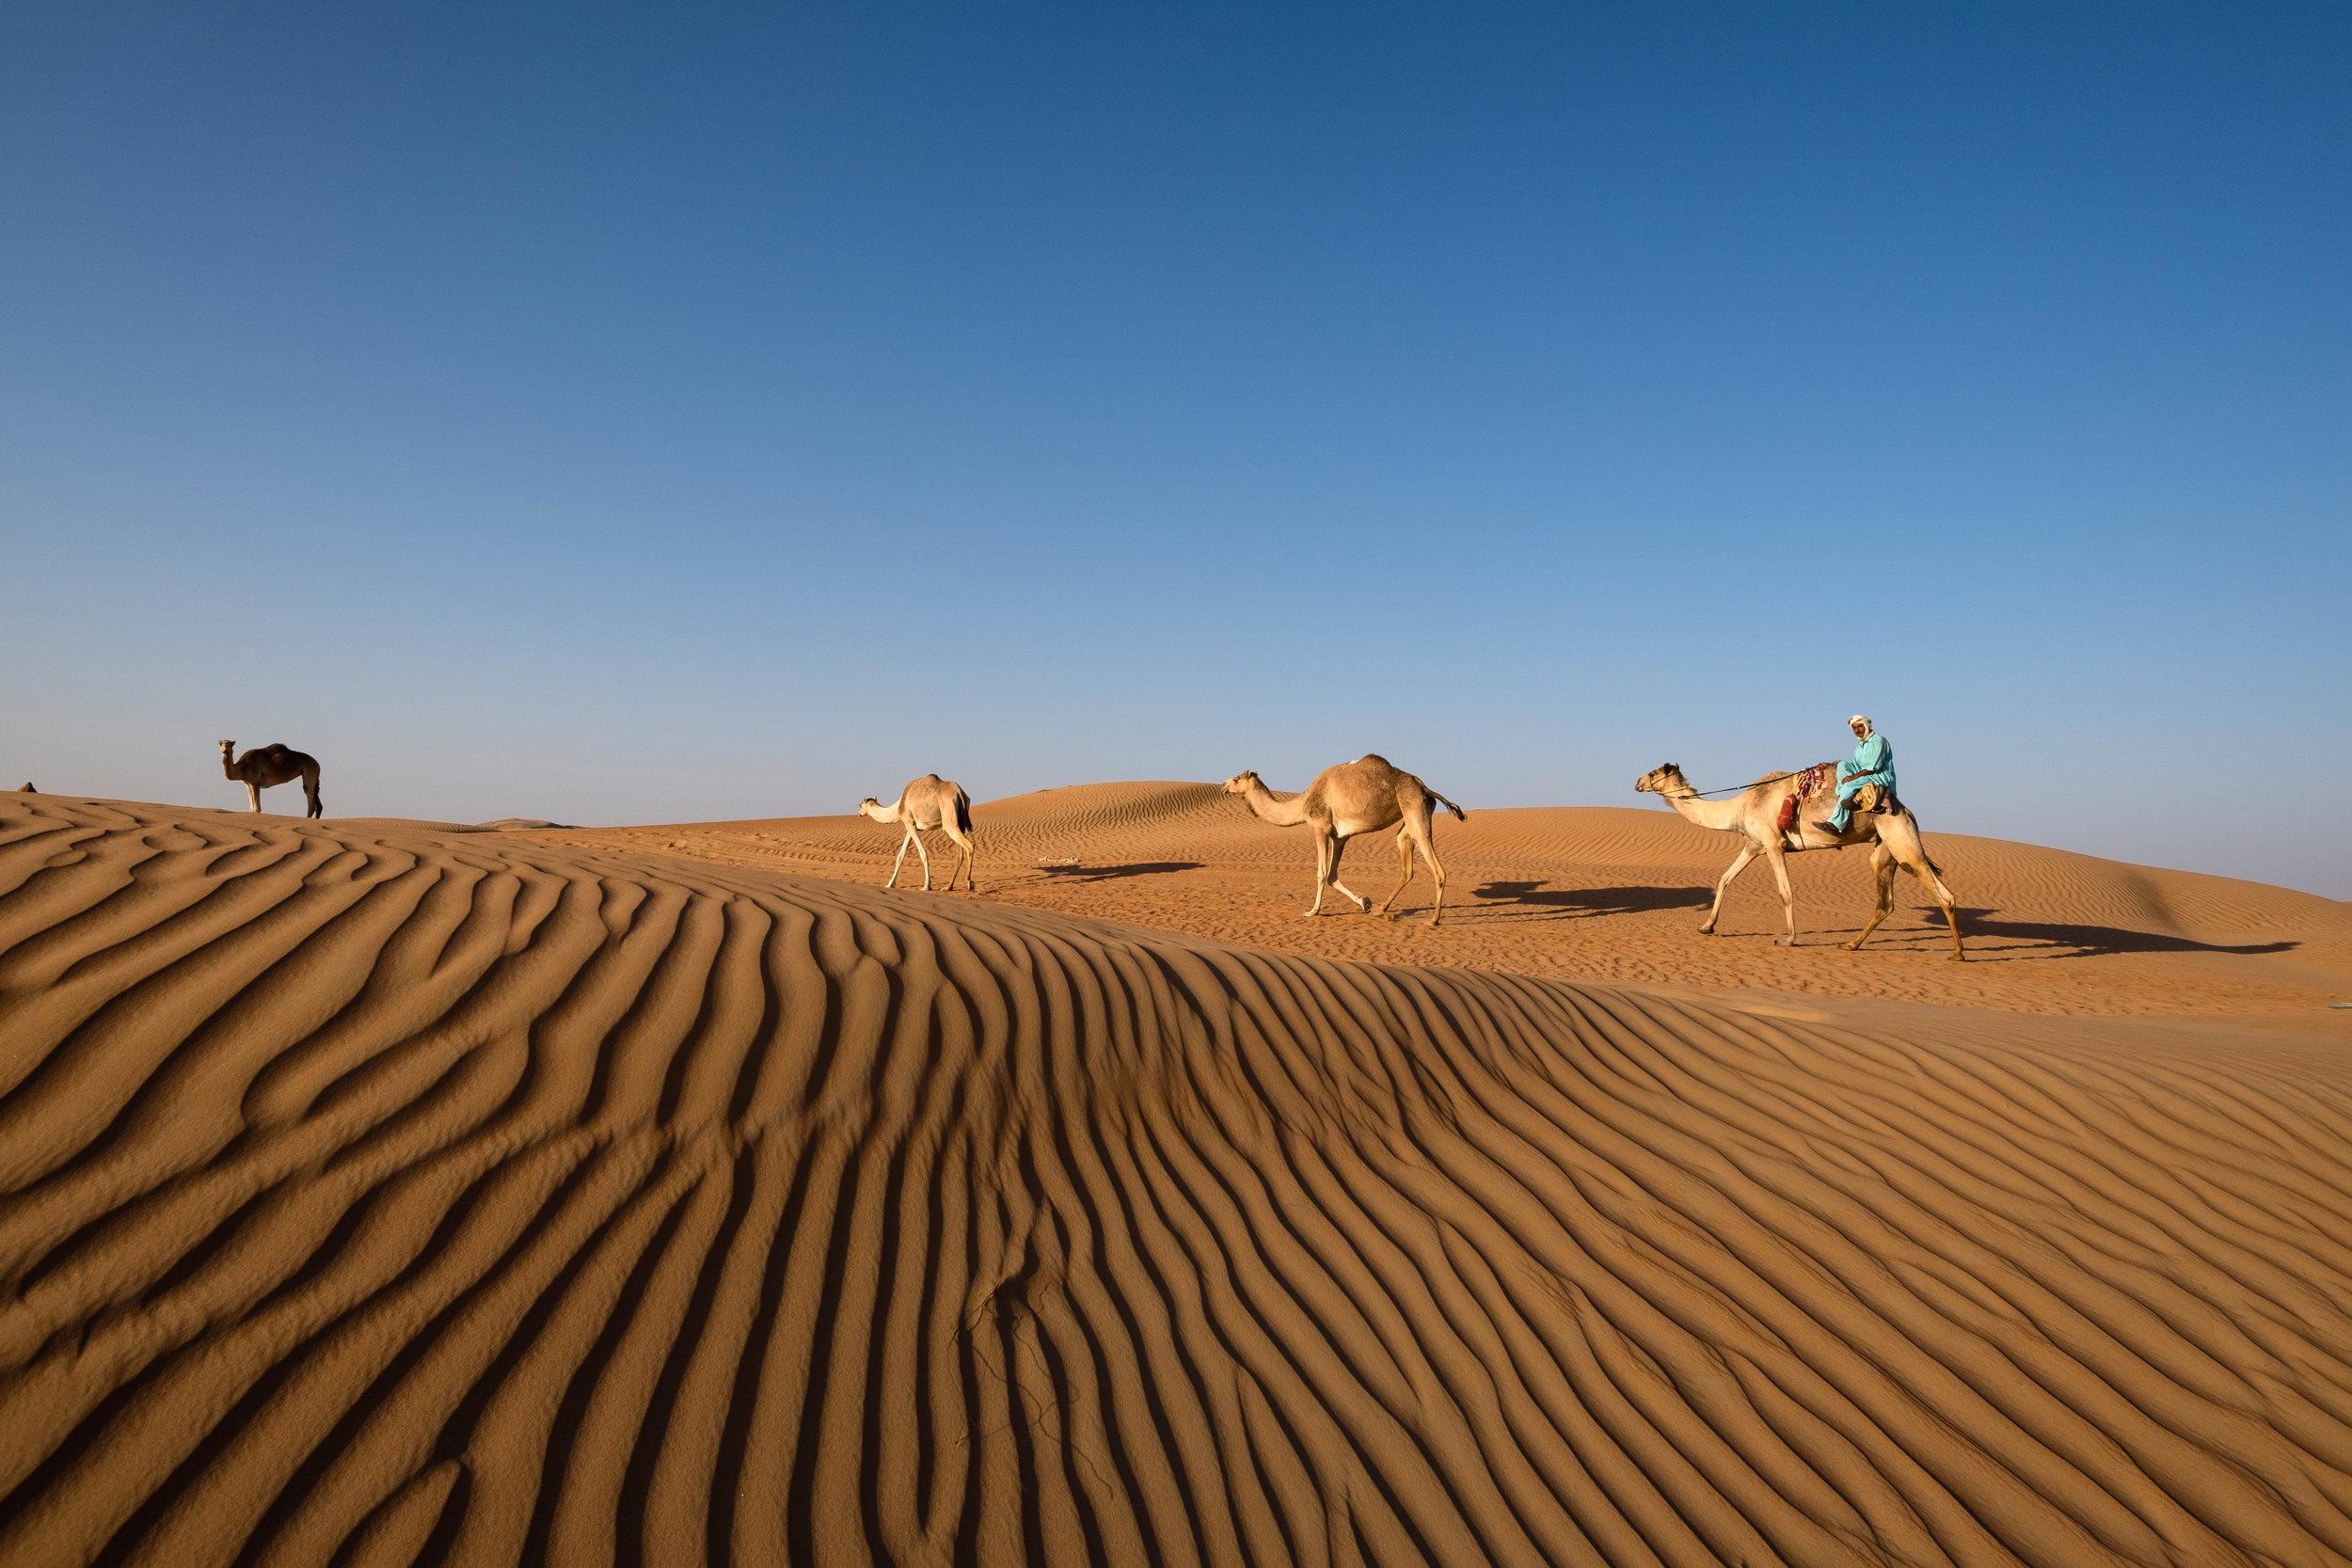 Al Ain,  UAE , Fujifilm X-T1, XF 14mm f/2.8 R @ f/8